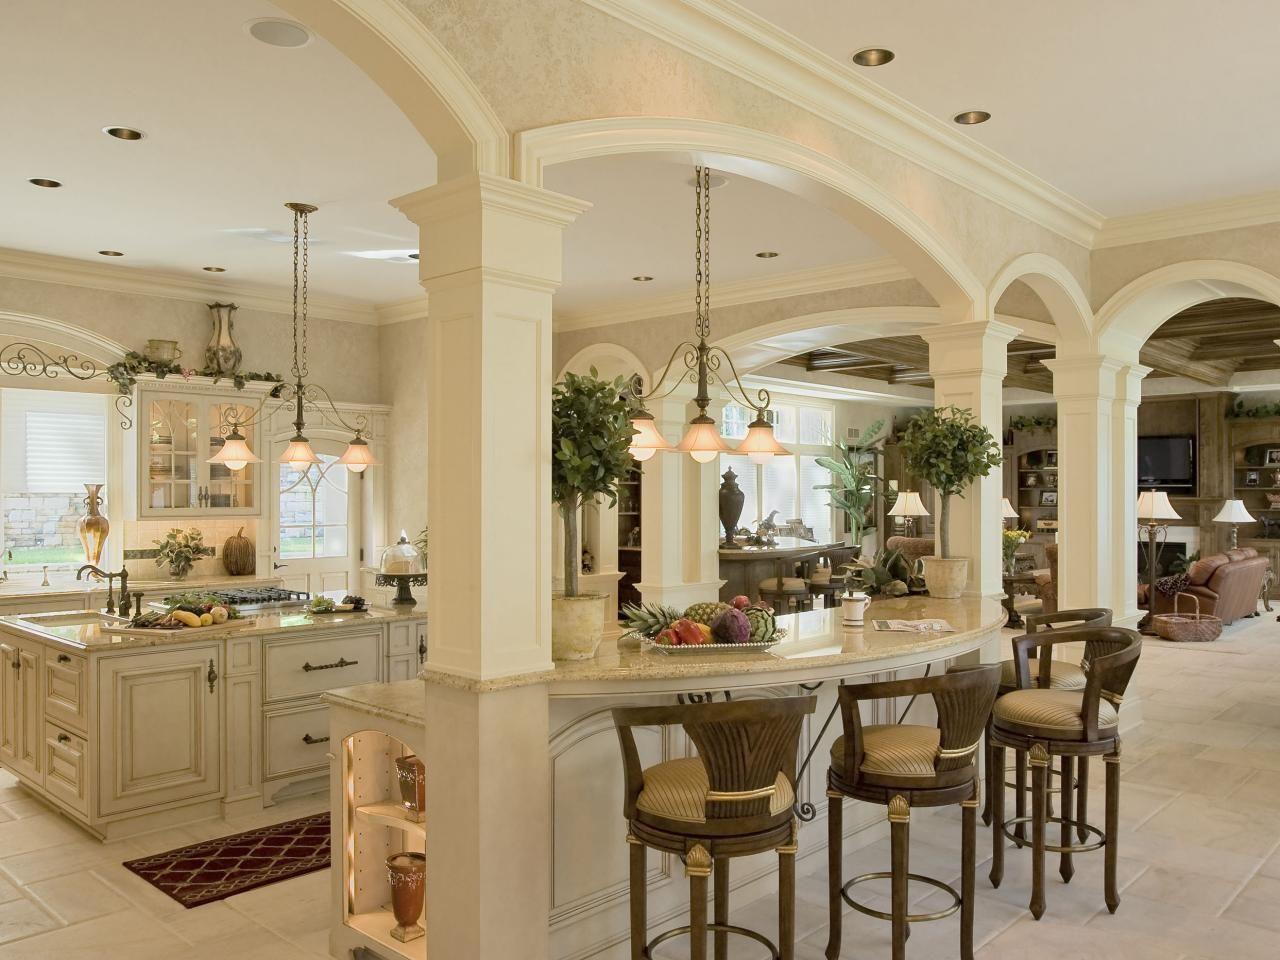 nicest kitchens